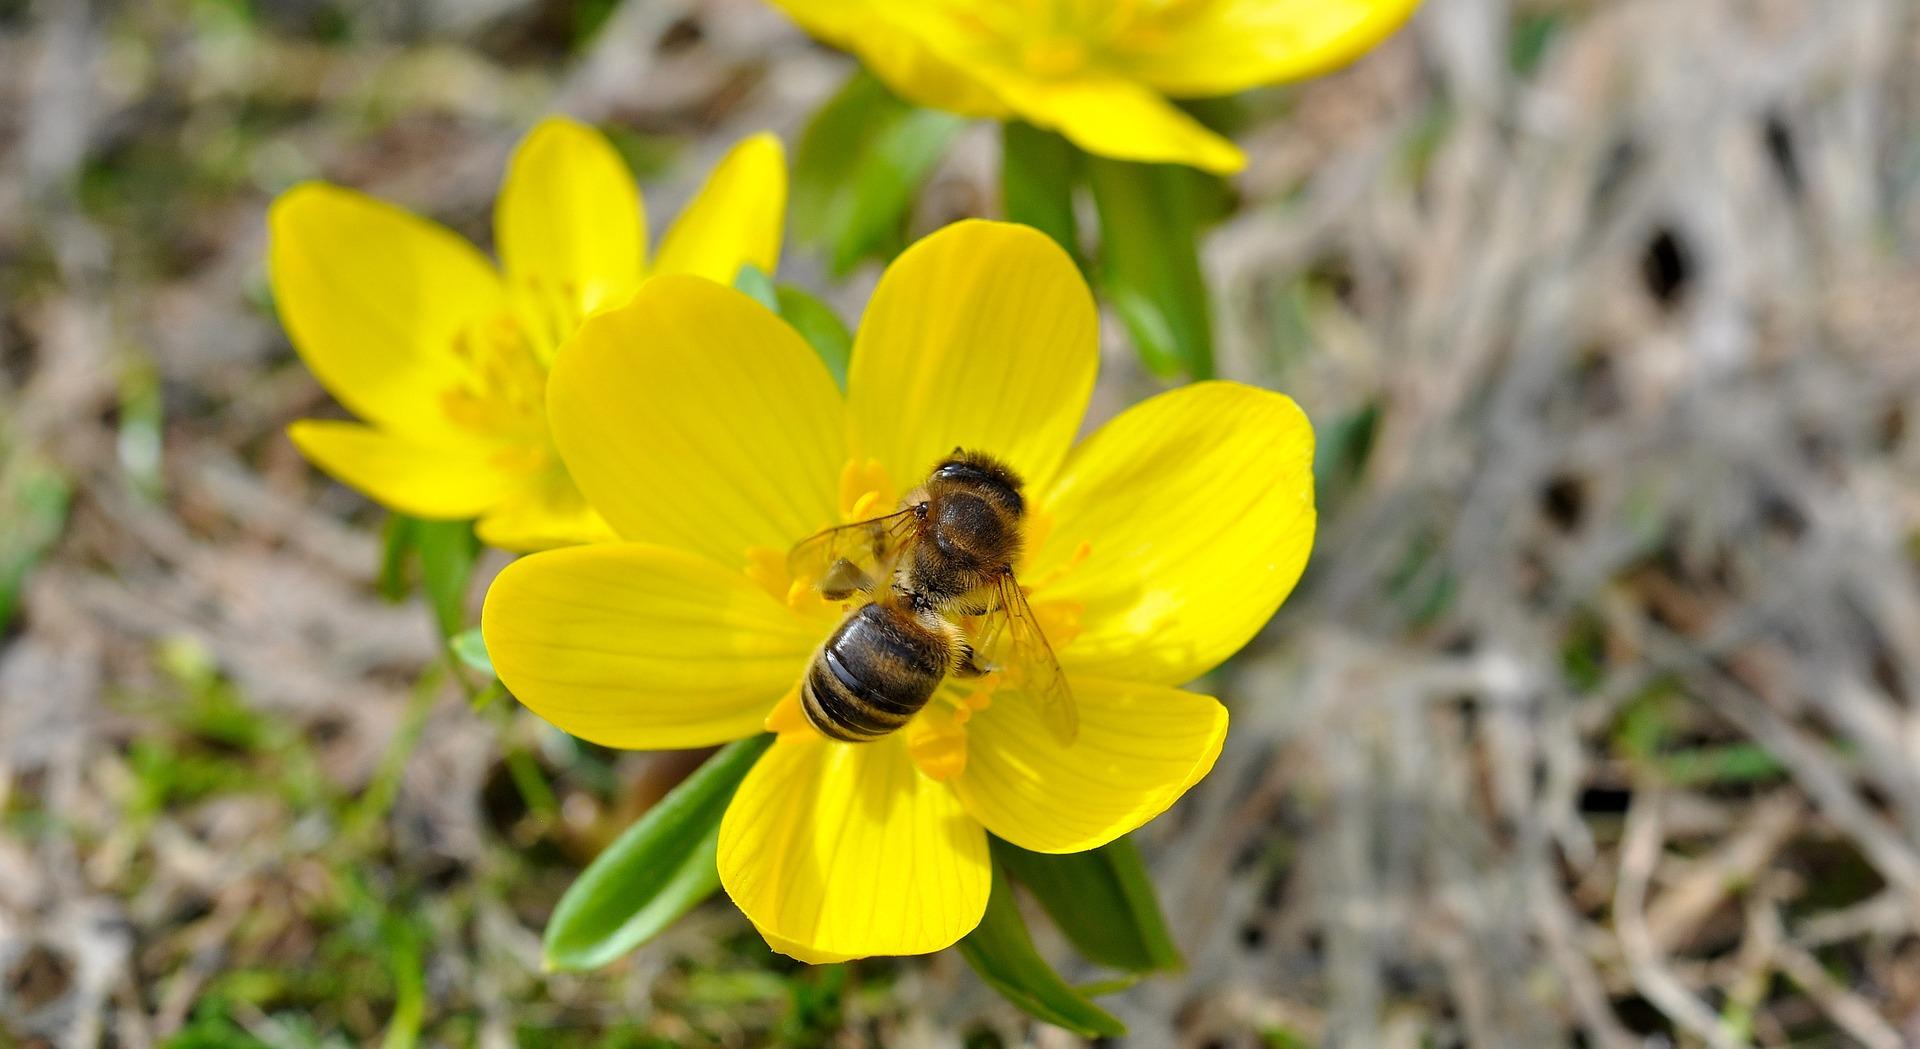 Pflanze des Monats: Winterling - Hoffnungsträger für Insekten